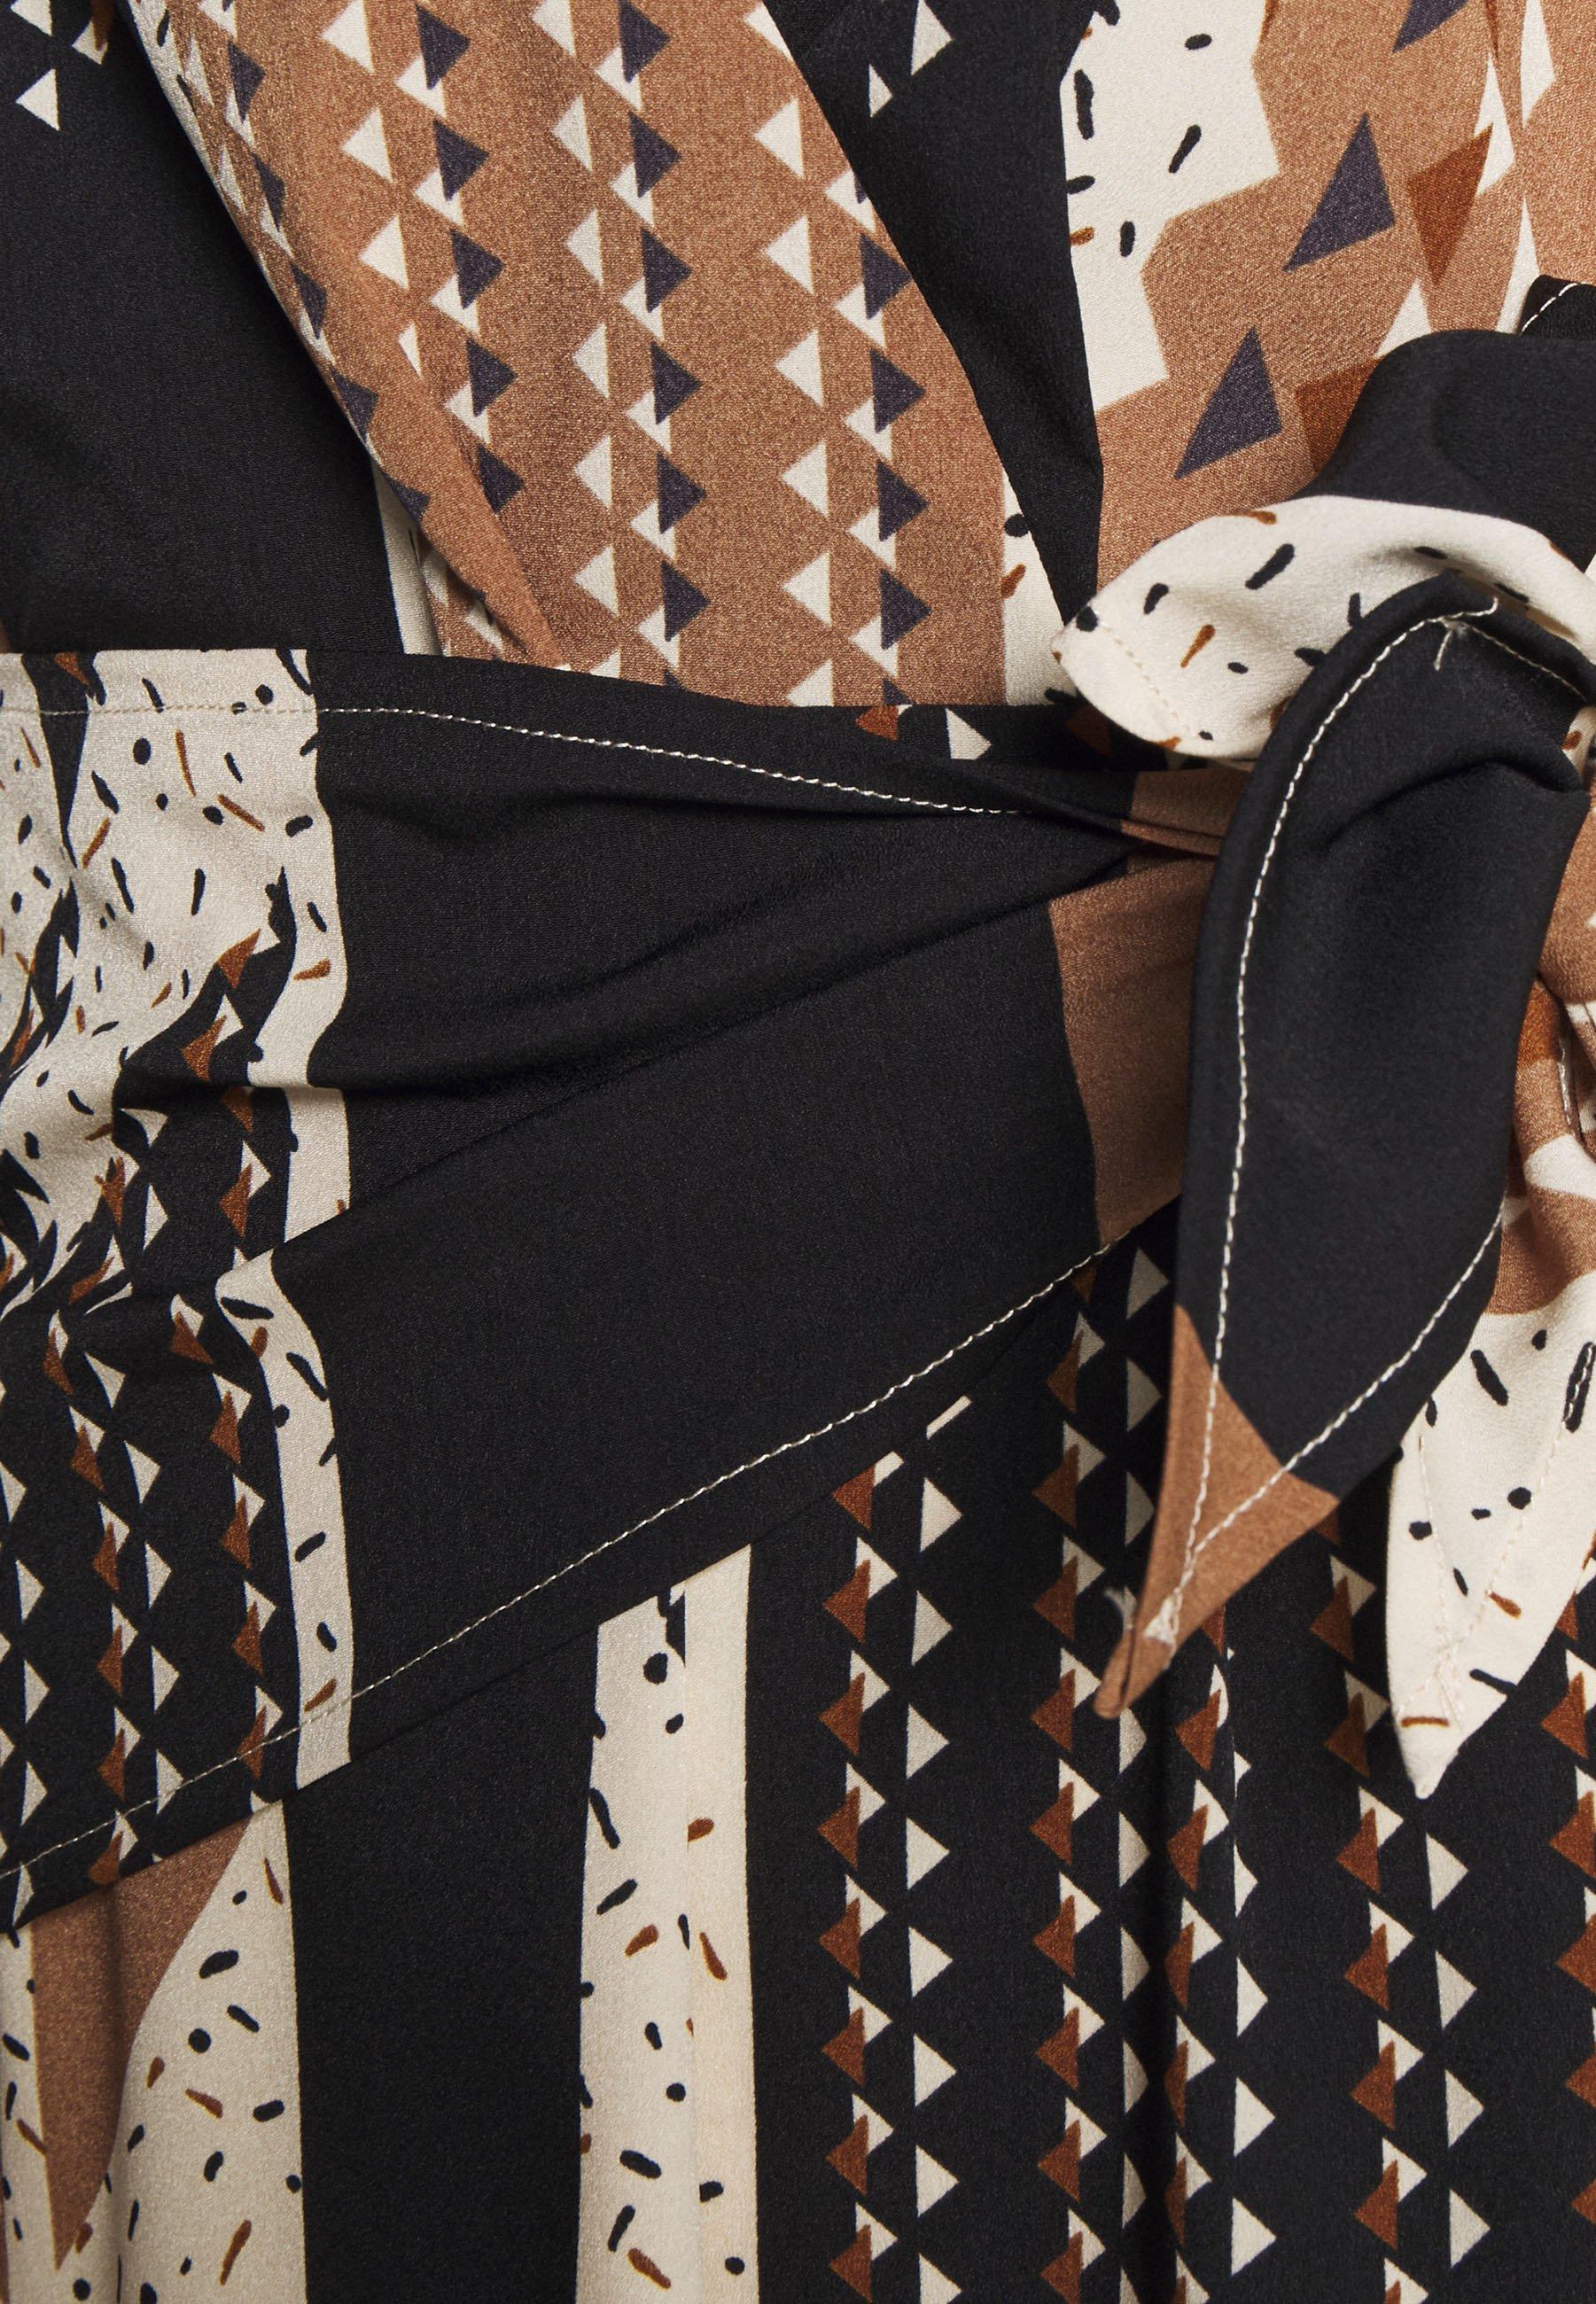 Sisley DRESS - Robe d'été - light brown/beige - Robes femme XoUYN